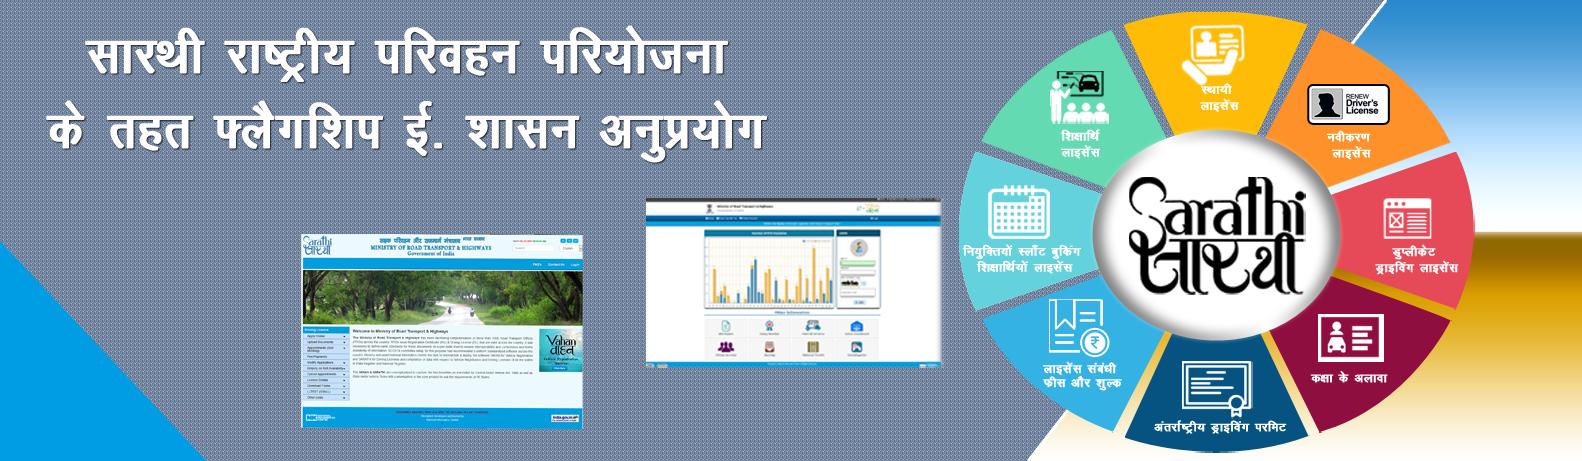 parivahan sarathi home page